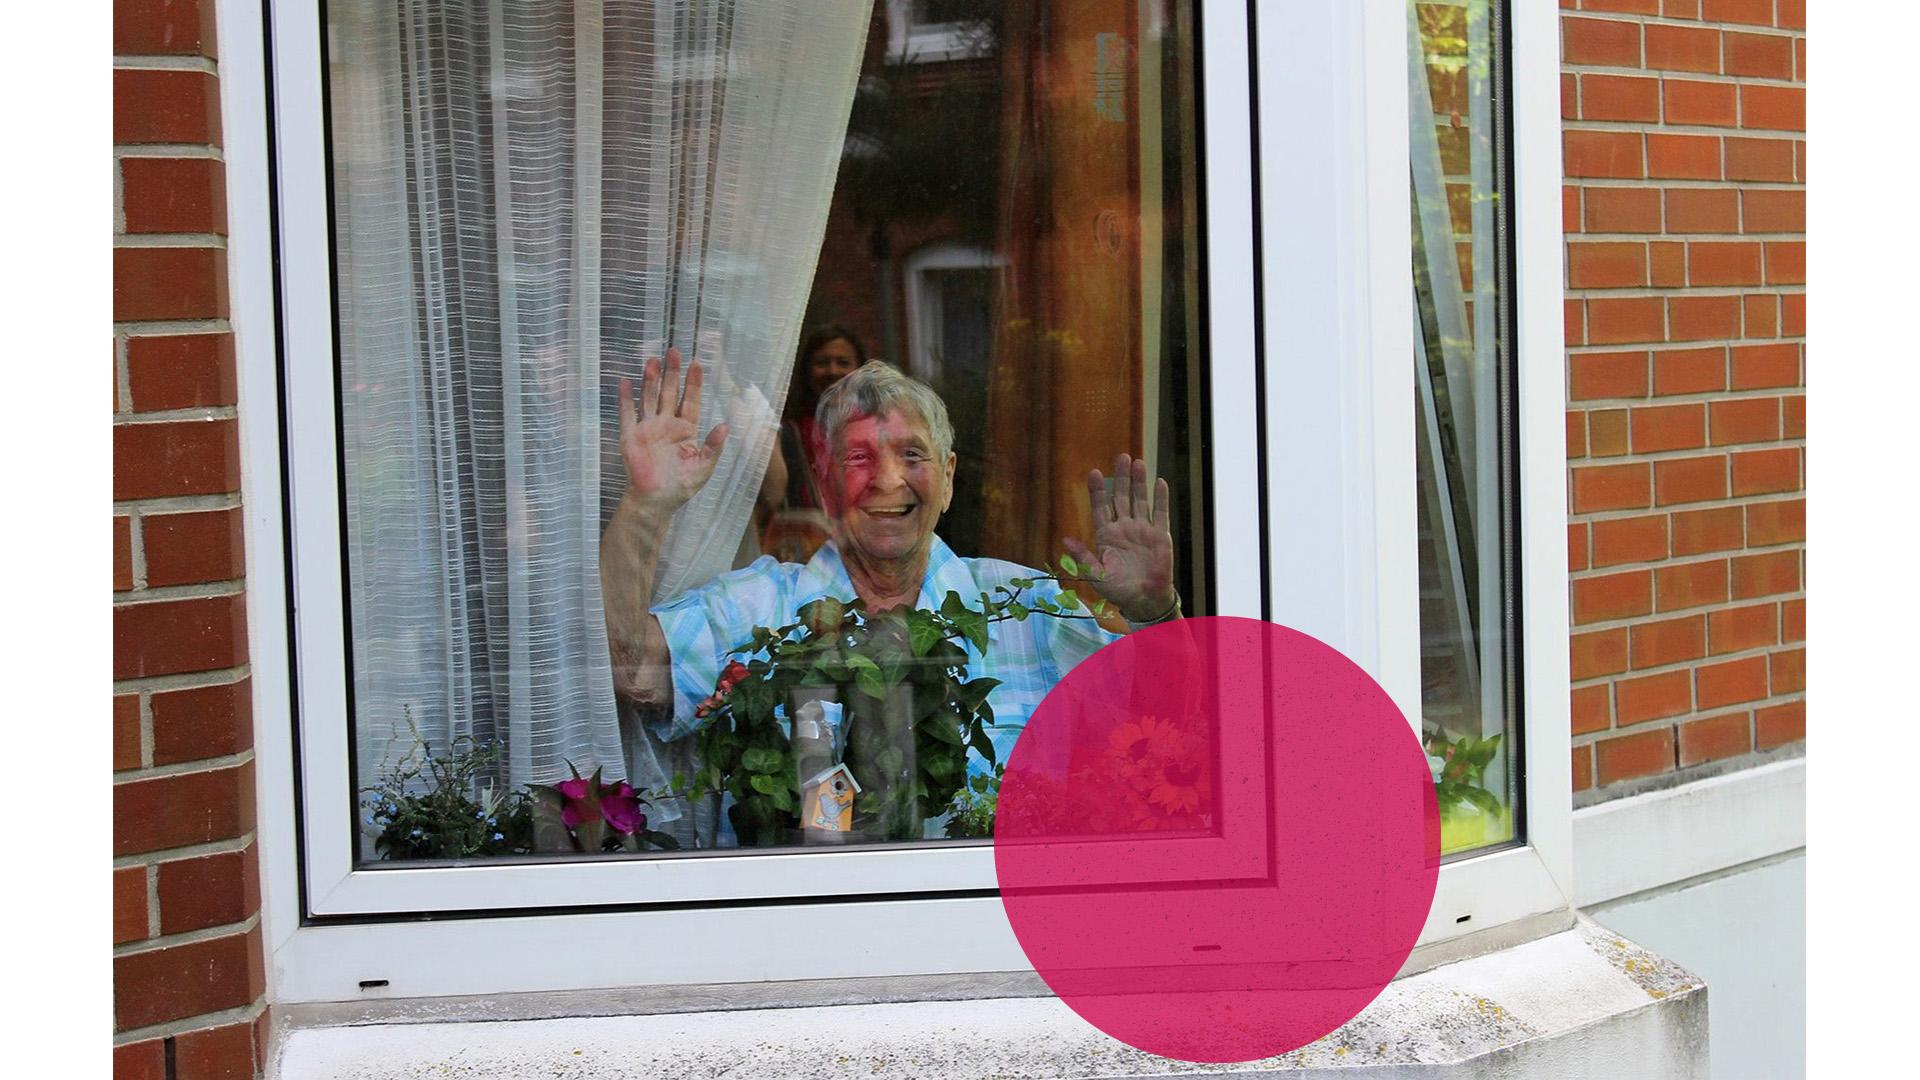 tatkräftig - Spenden - Dame am Fenster